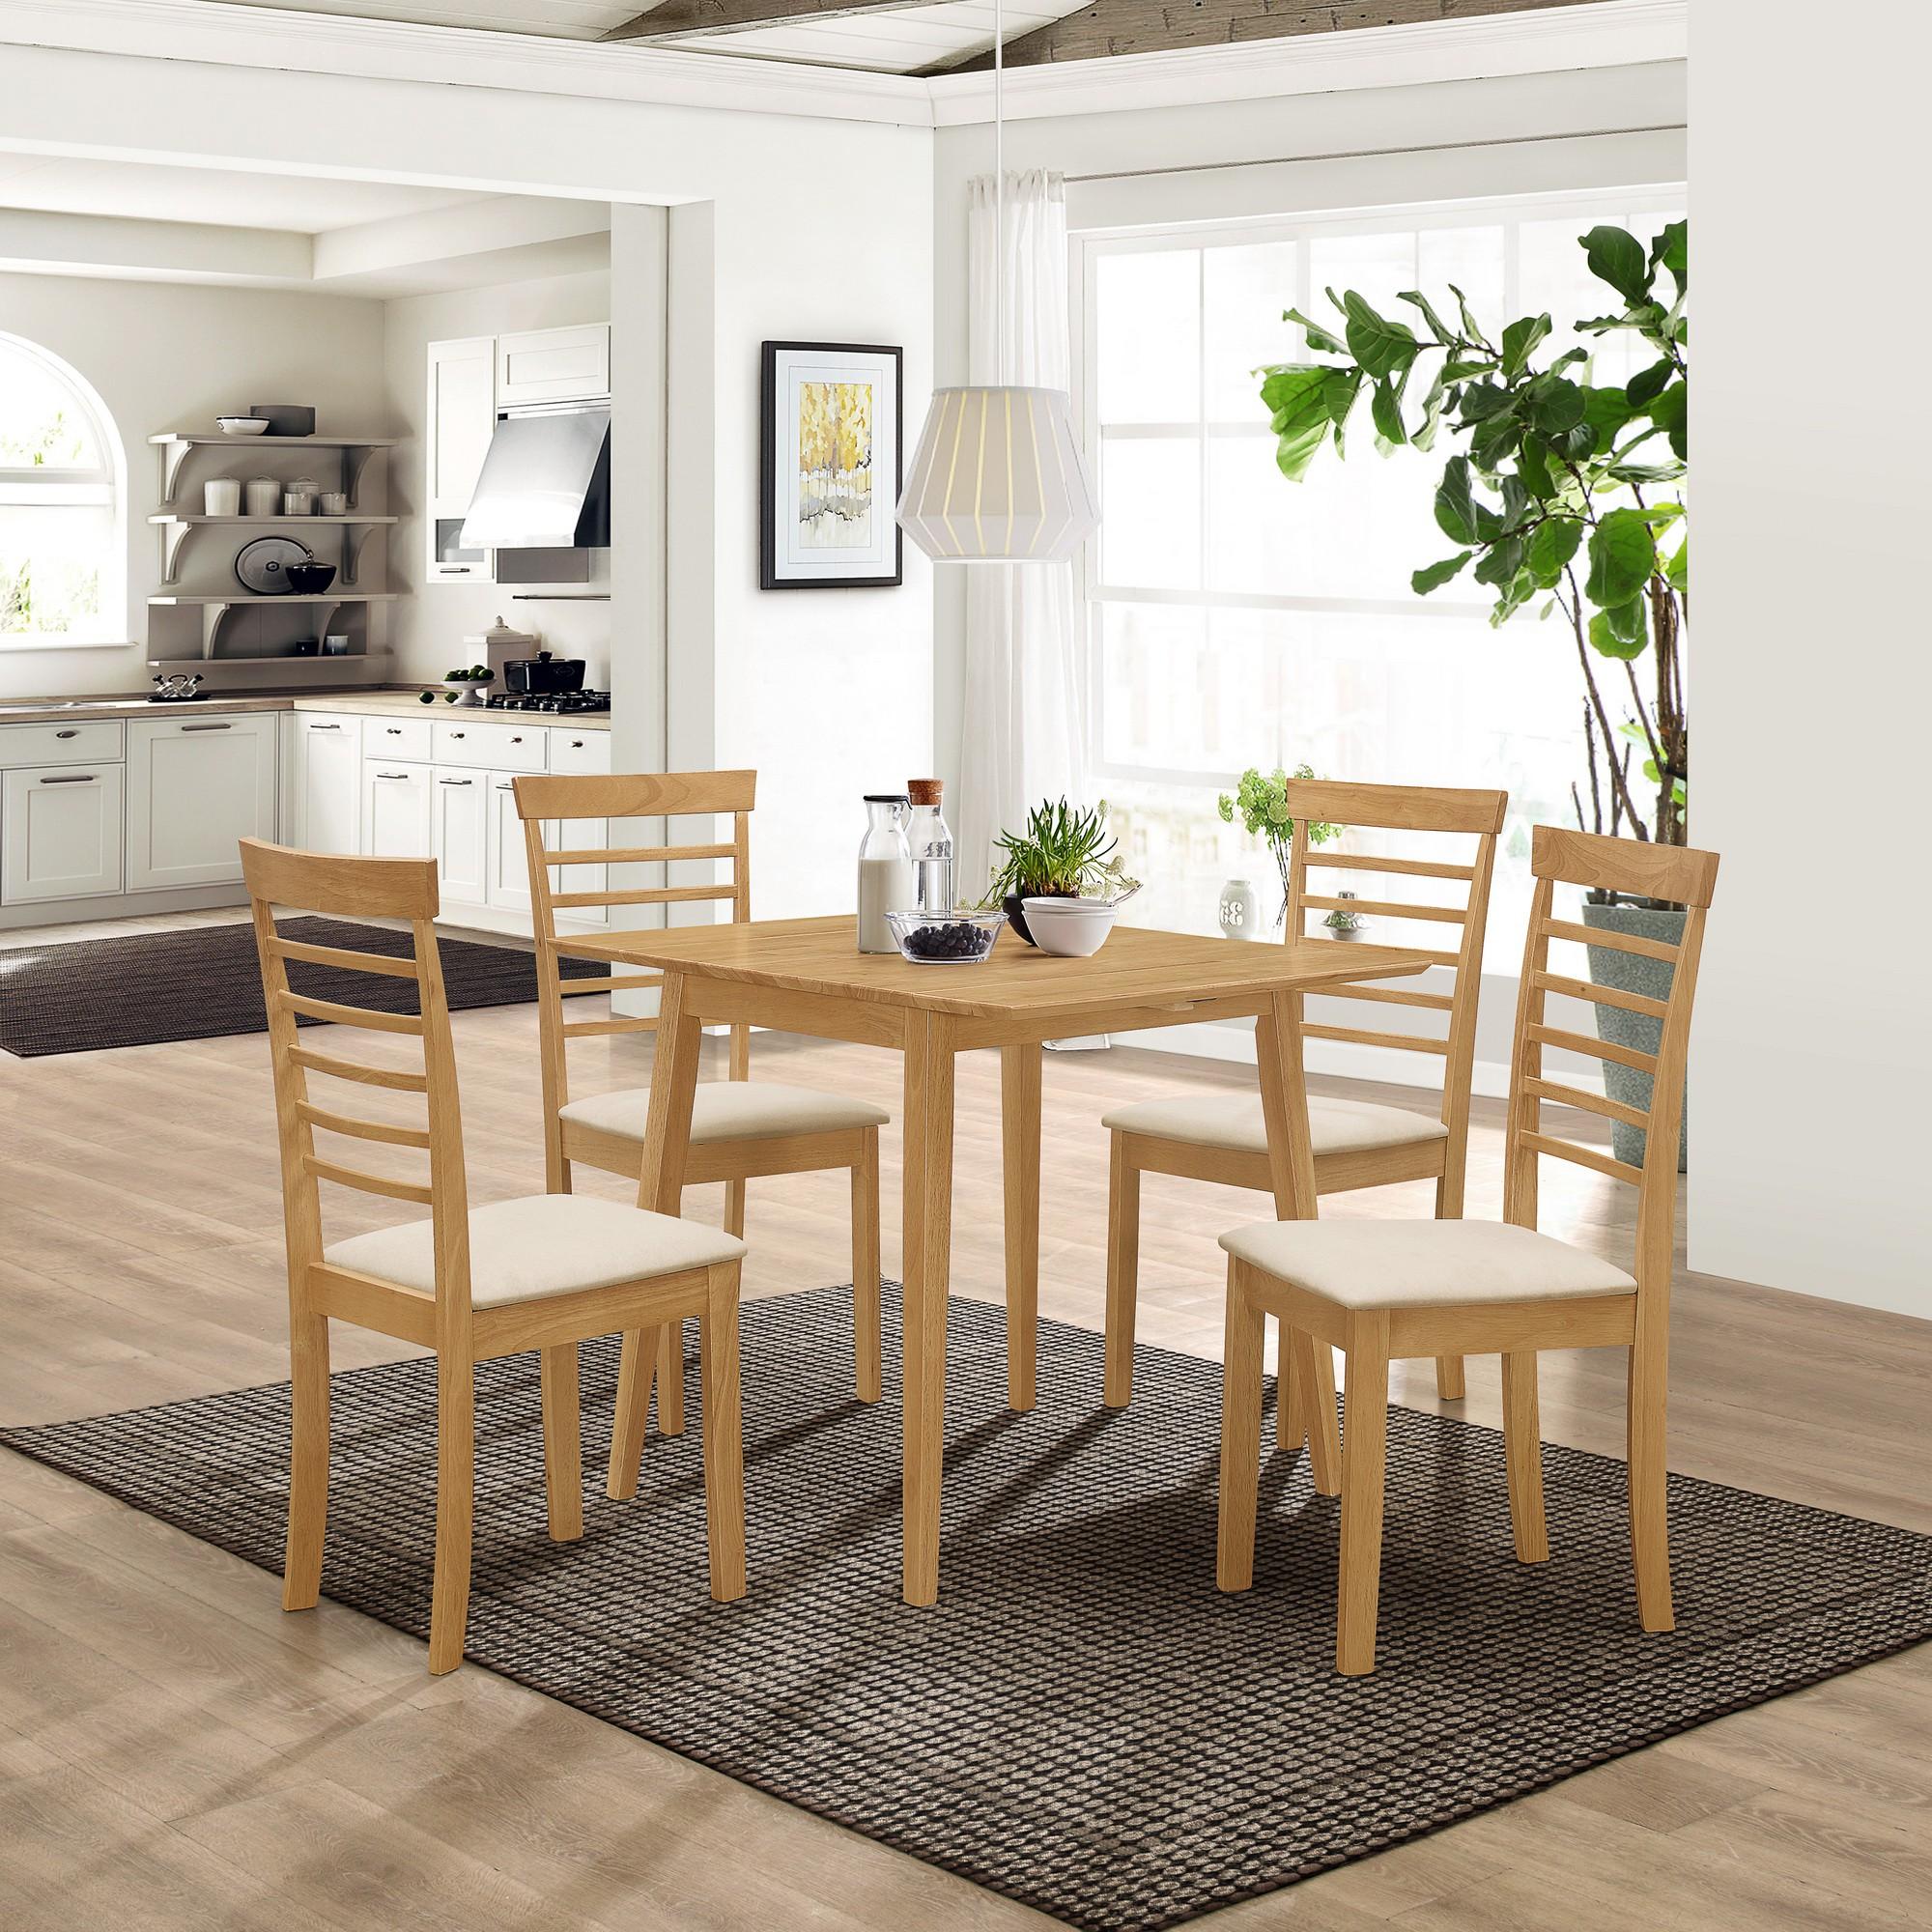 Ledbury Solid Rubber Wood Drop Leaf Kitchen Dining Table Set